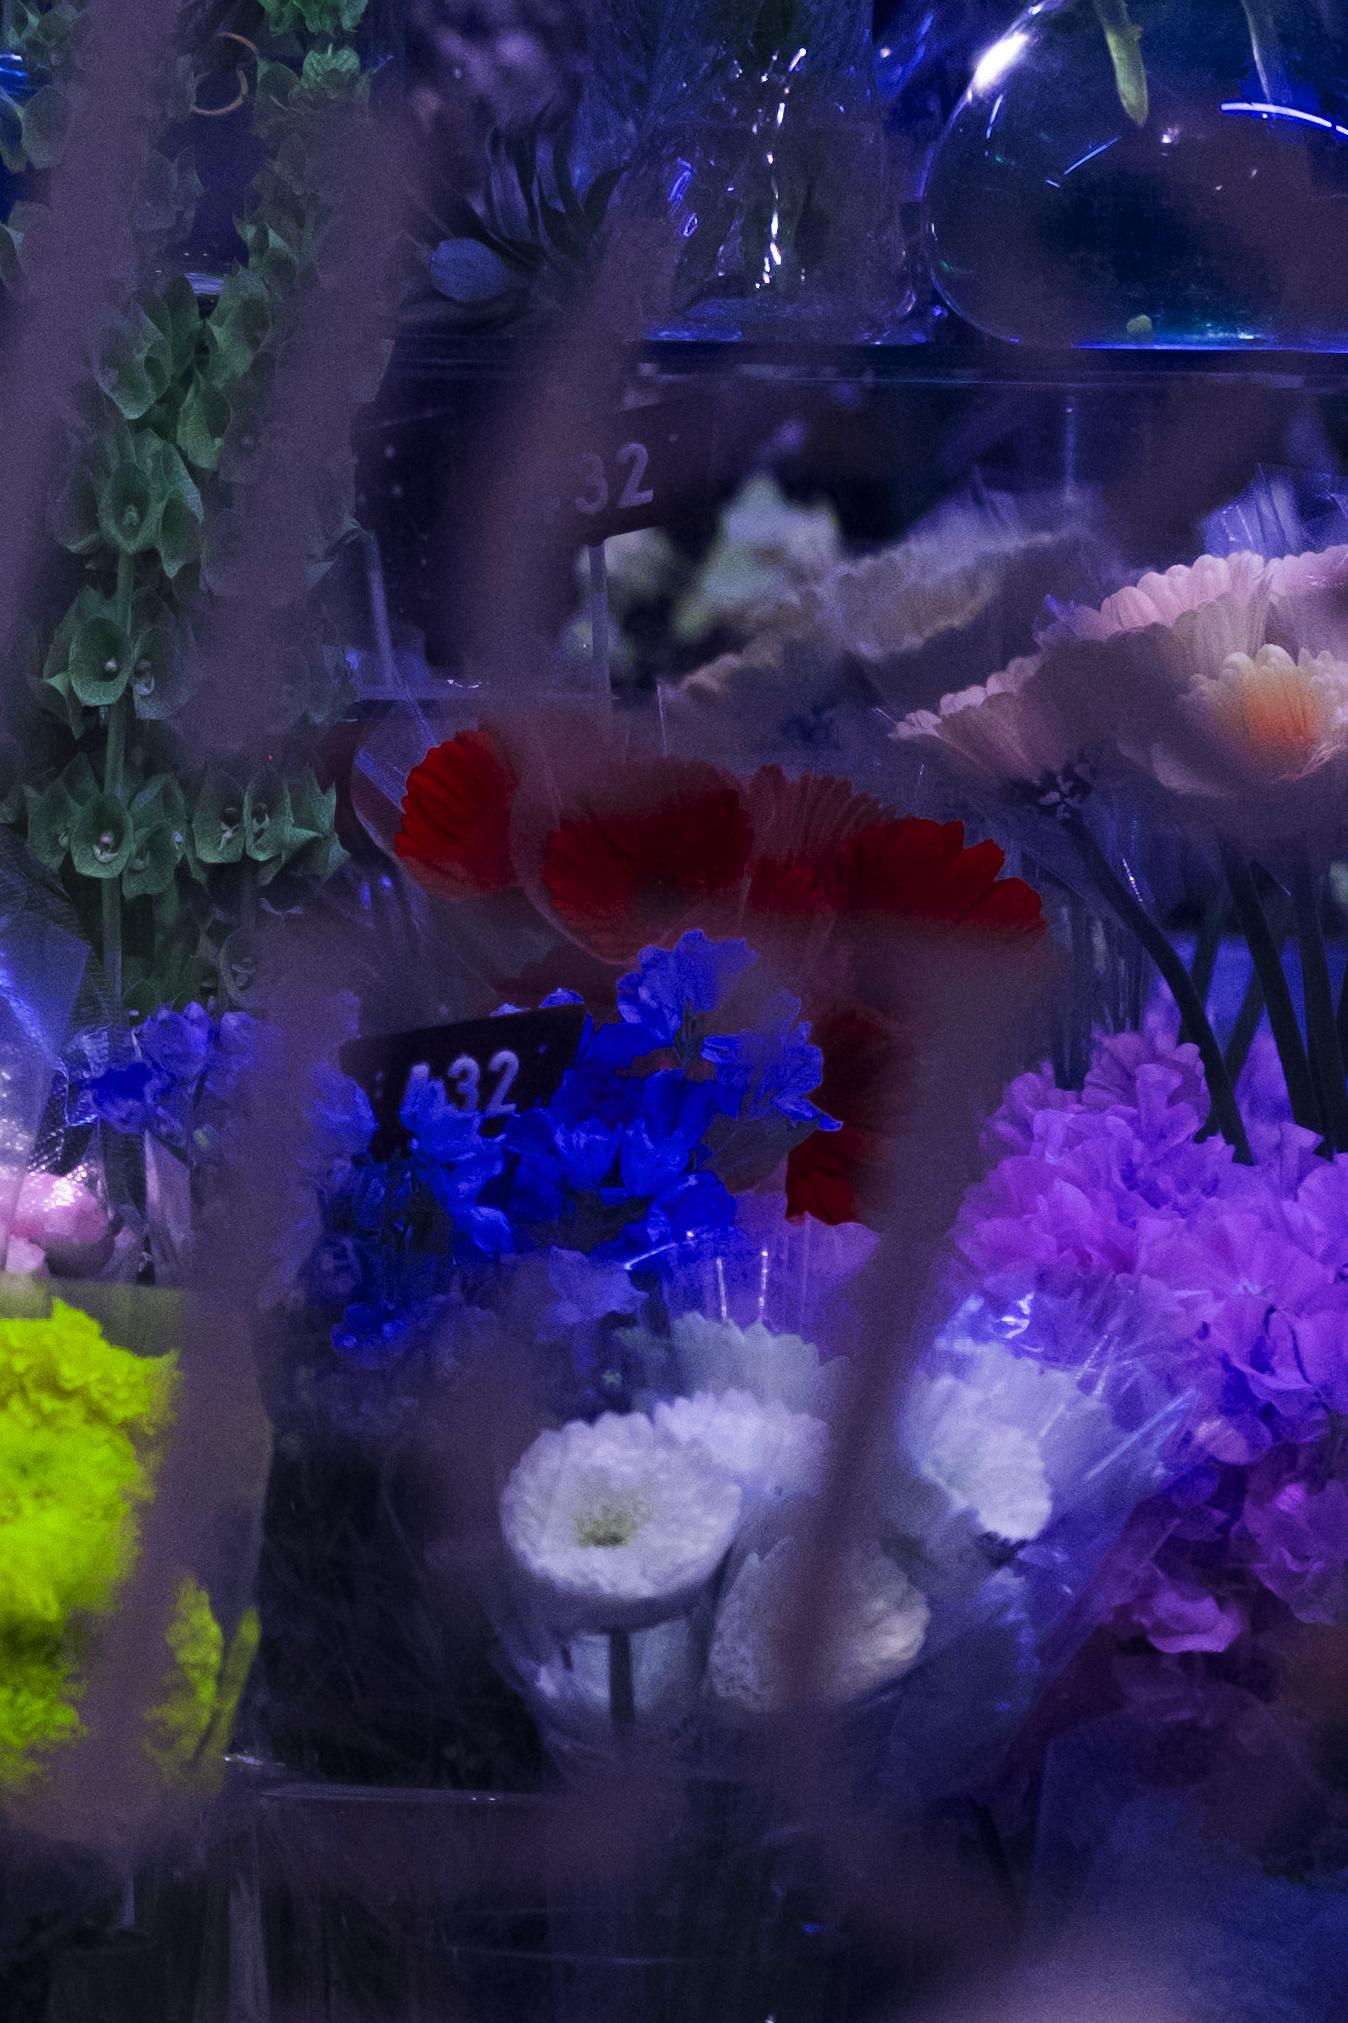 flowers crop 2.jpg